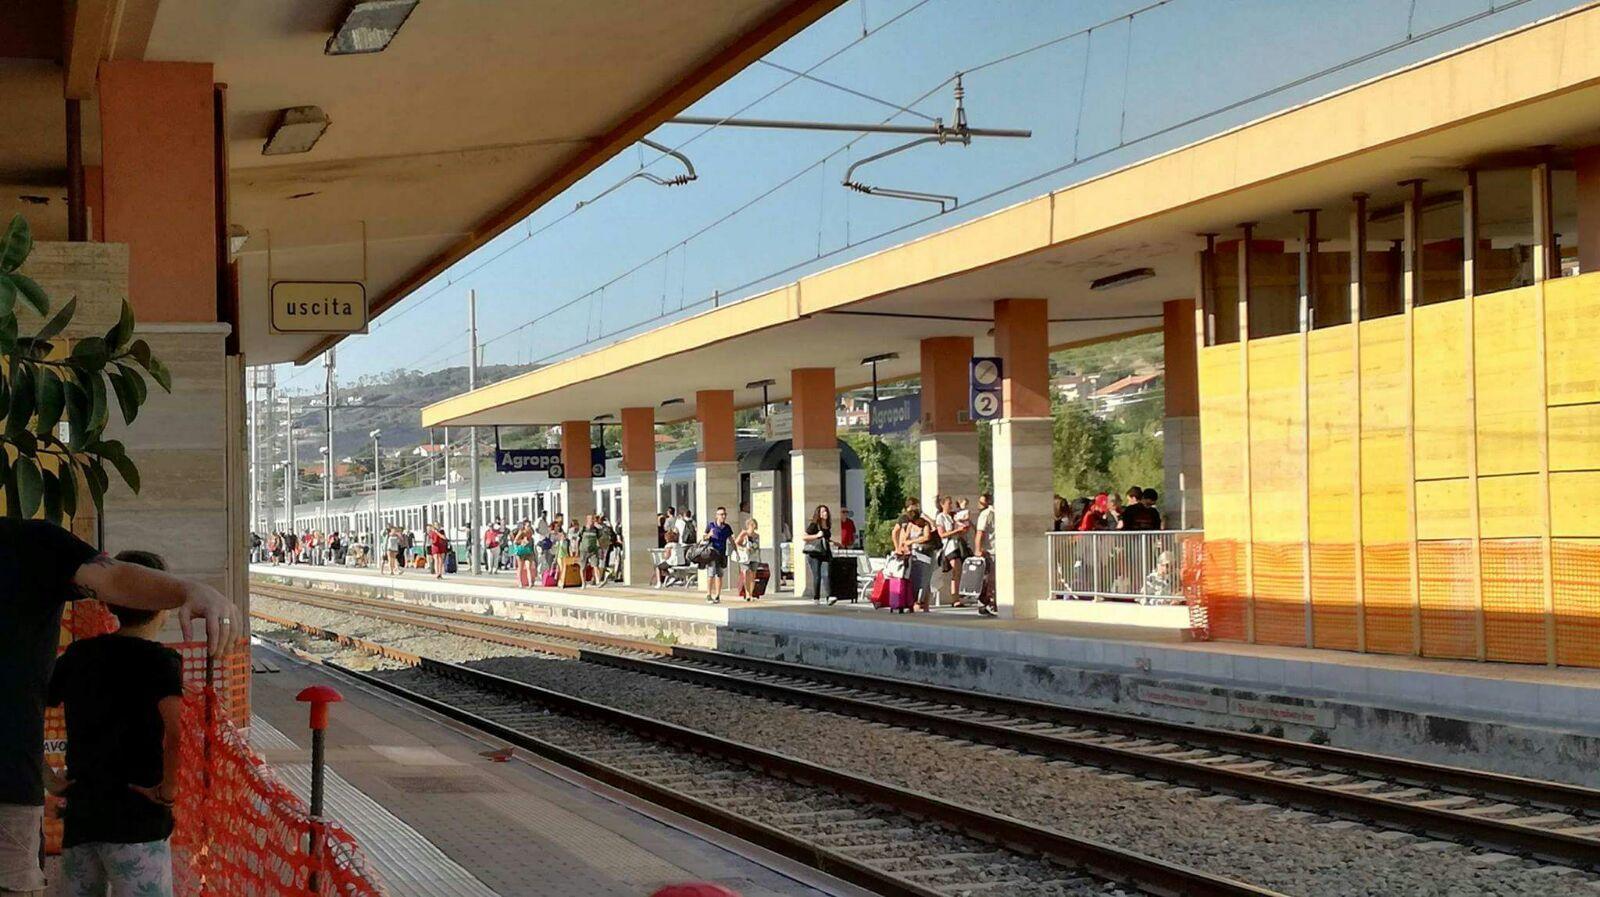 Treni bloccati causa incendi, stazione di Agropoli nel caos. Un altro rogo a Trentova